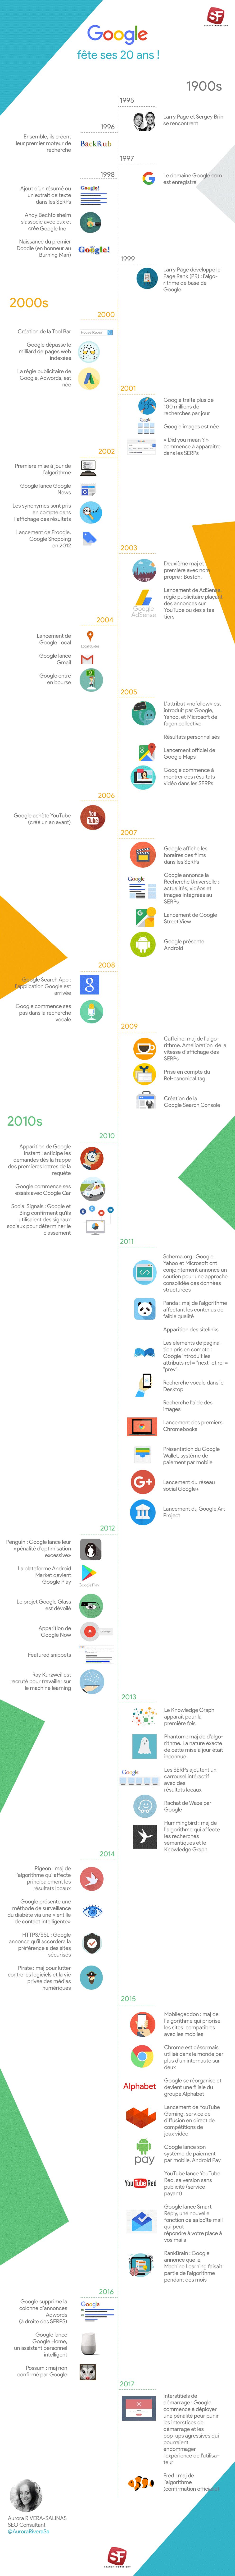 Infographie : 20 ans de Google